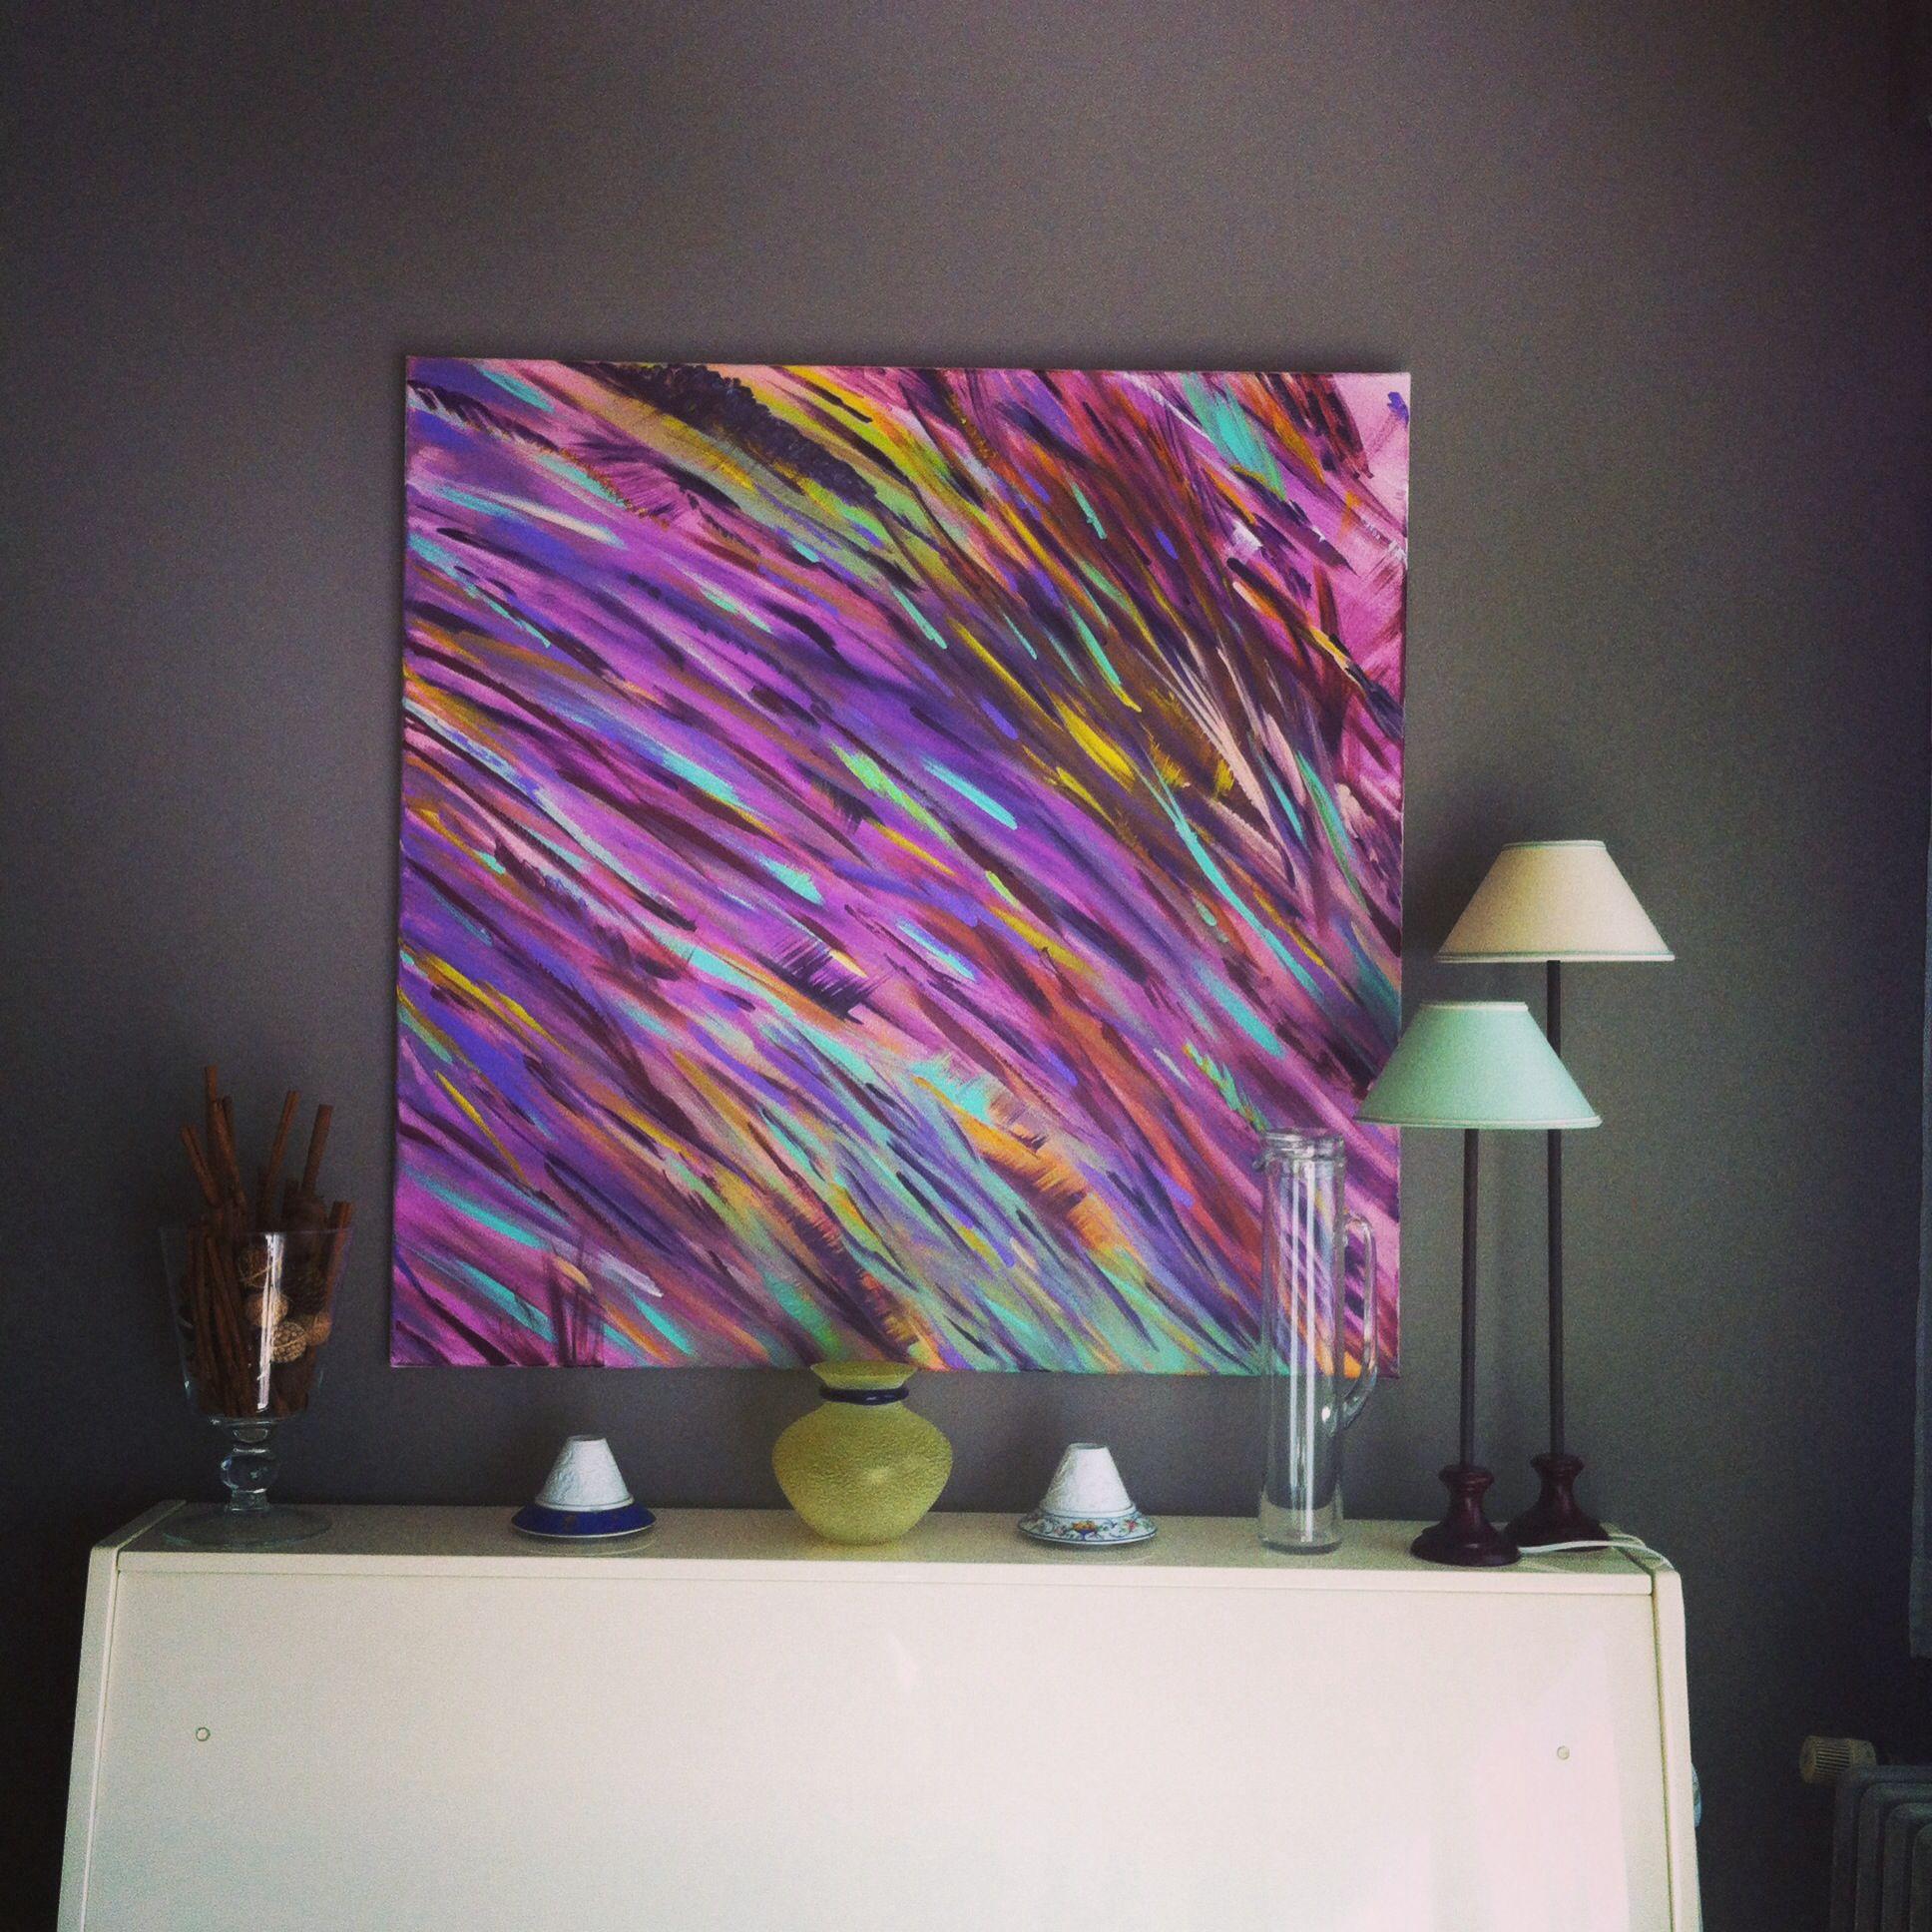 Art peinture acrylique contemporain peinture pinterest for Peinture acrylique